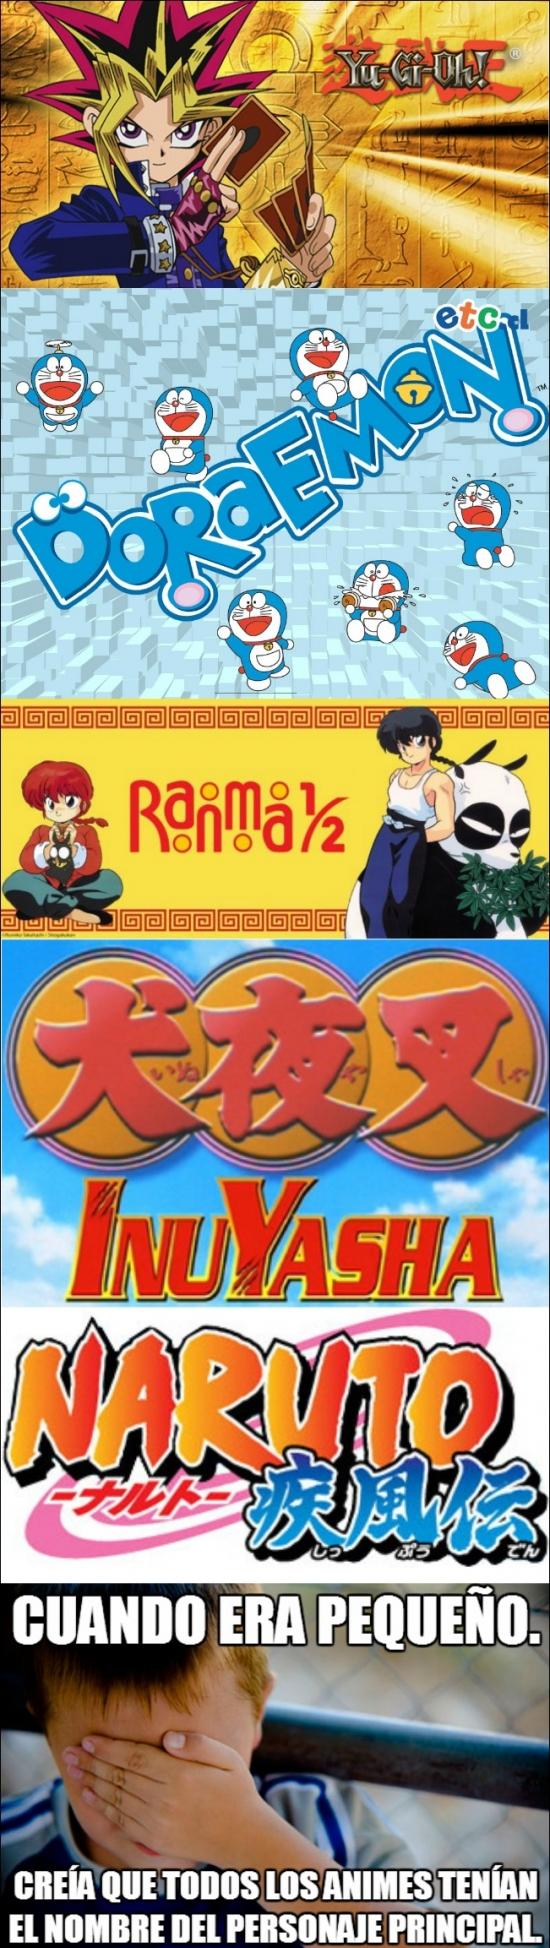 Confession_kid - Los títulos de los animes me llevaban a error cuando era pequeño